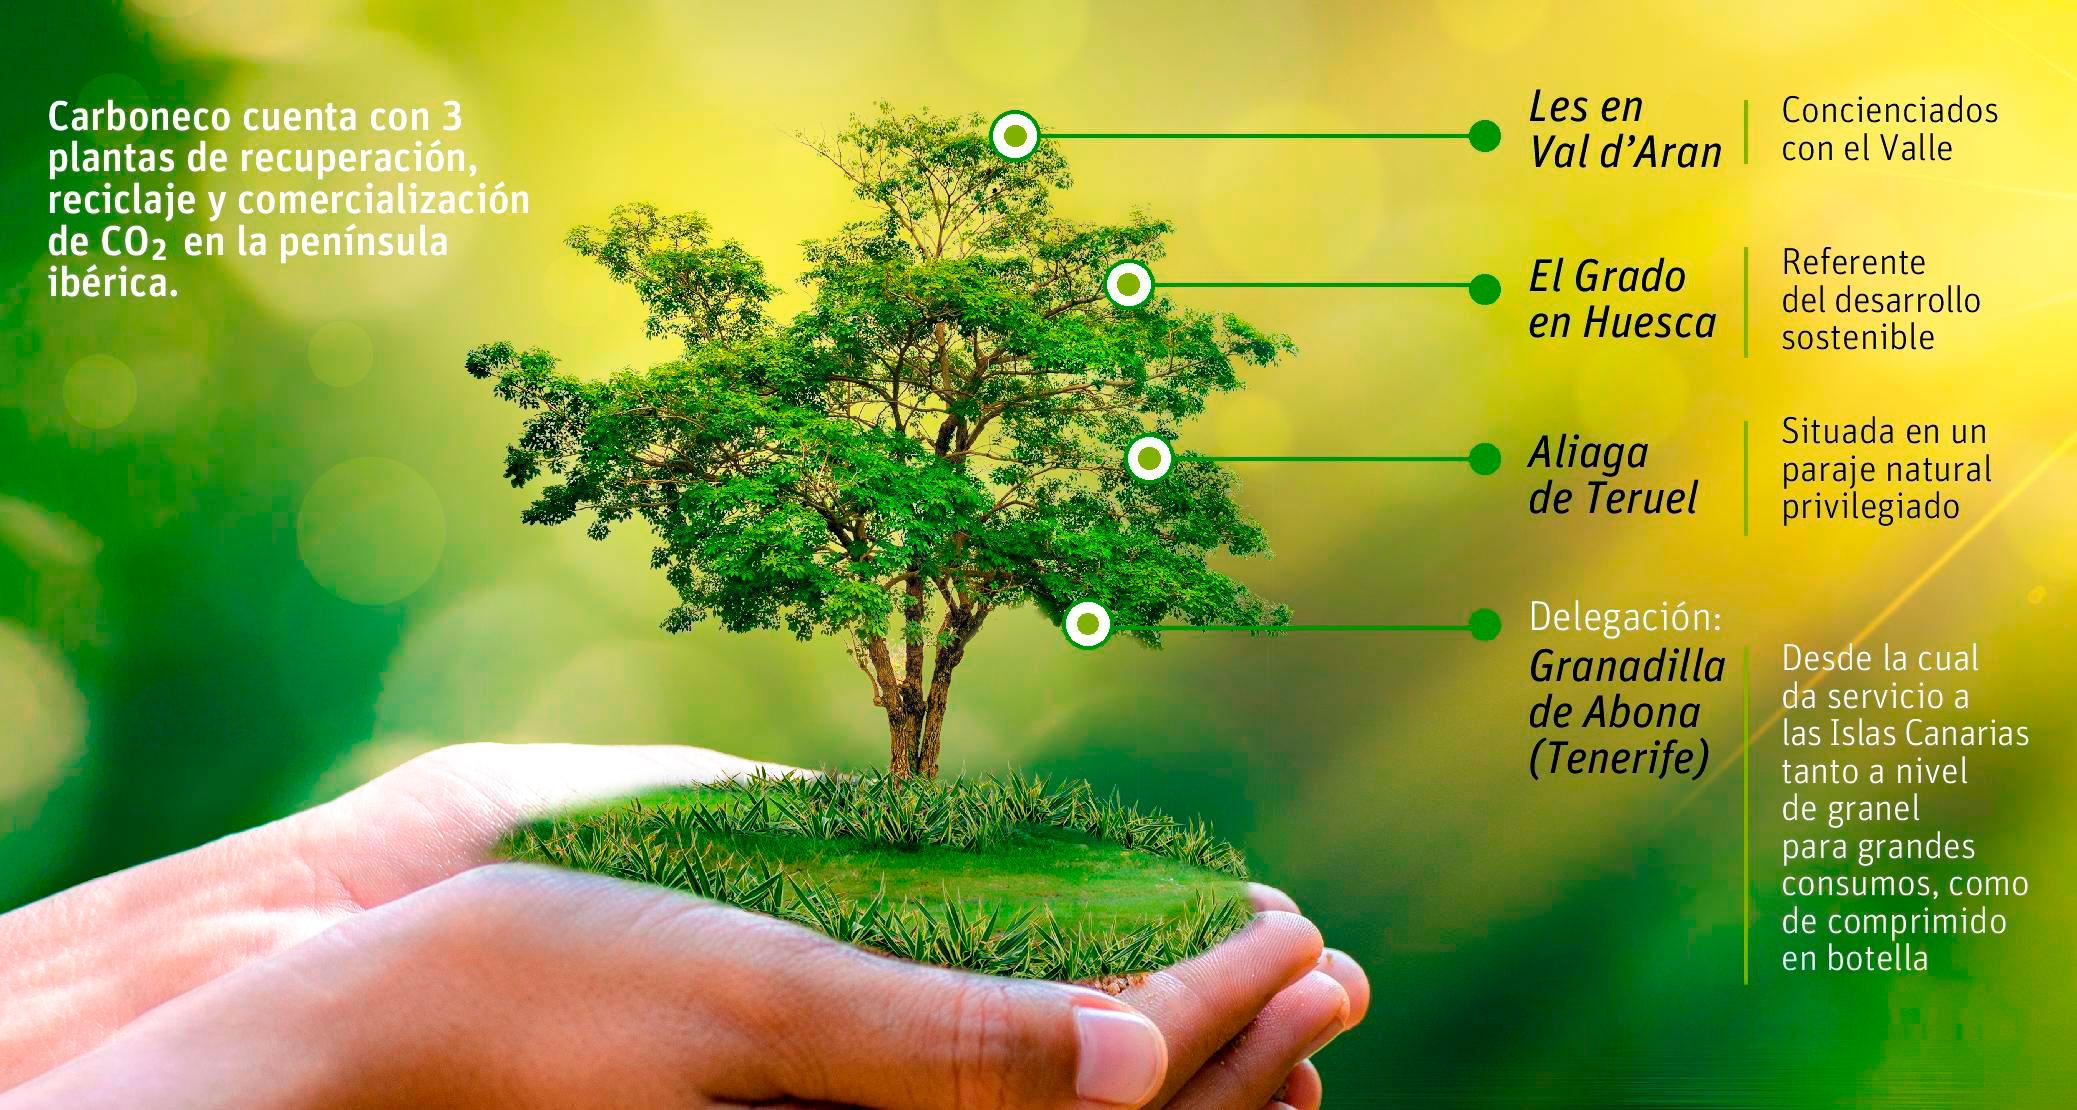 CARBONECO-PLANTAS-CO2-